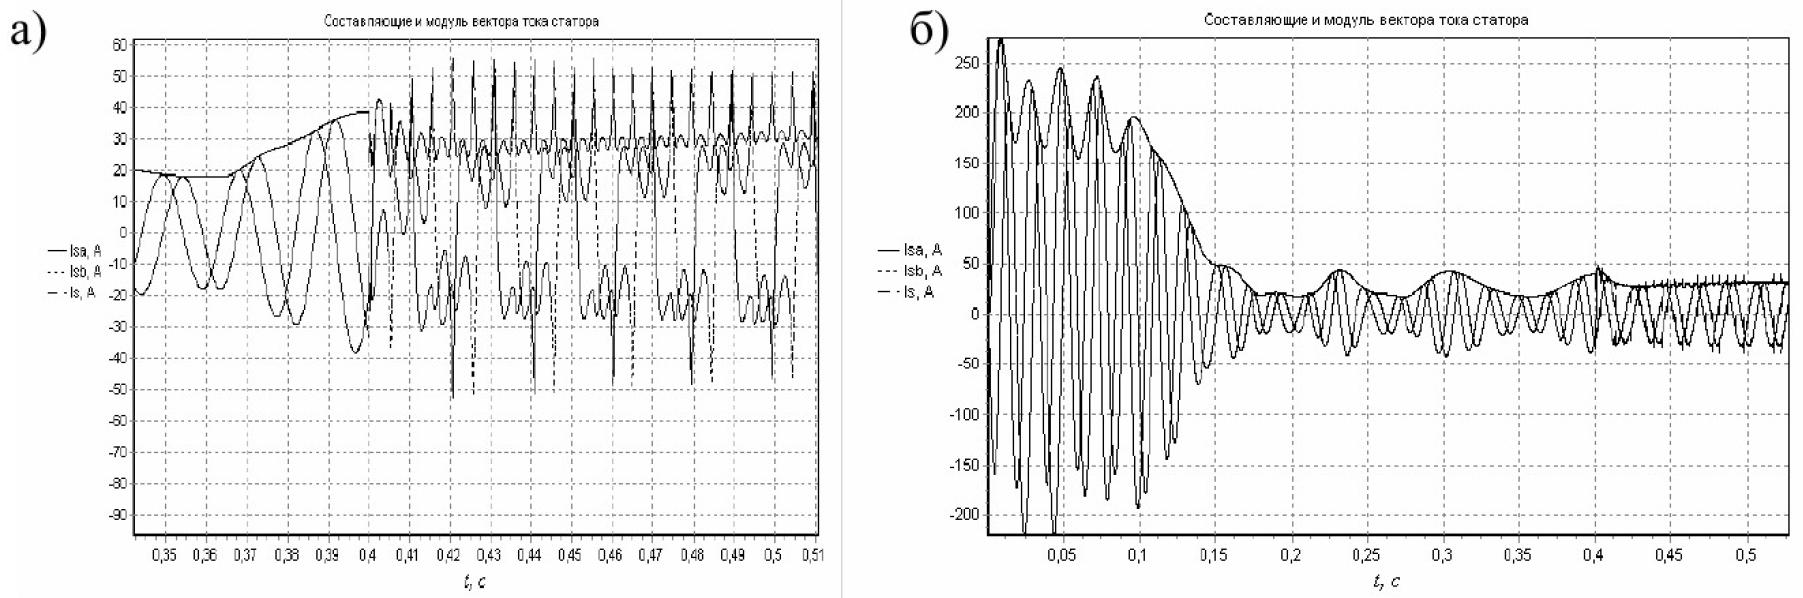 Управление моментом и потоком электрической машины переменного тока 11